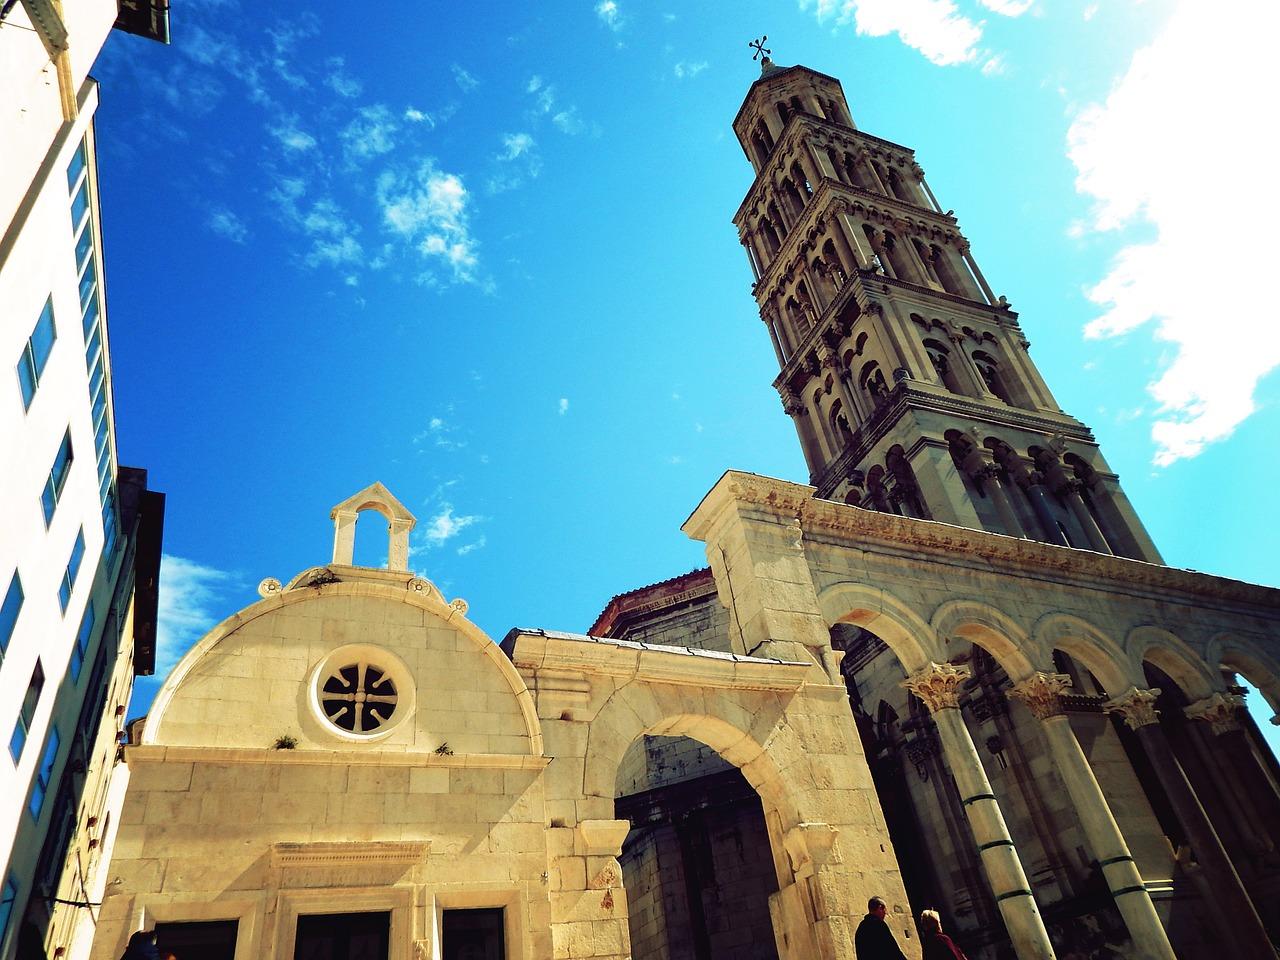 Palacio de Diocleciano - Split